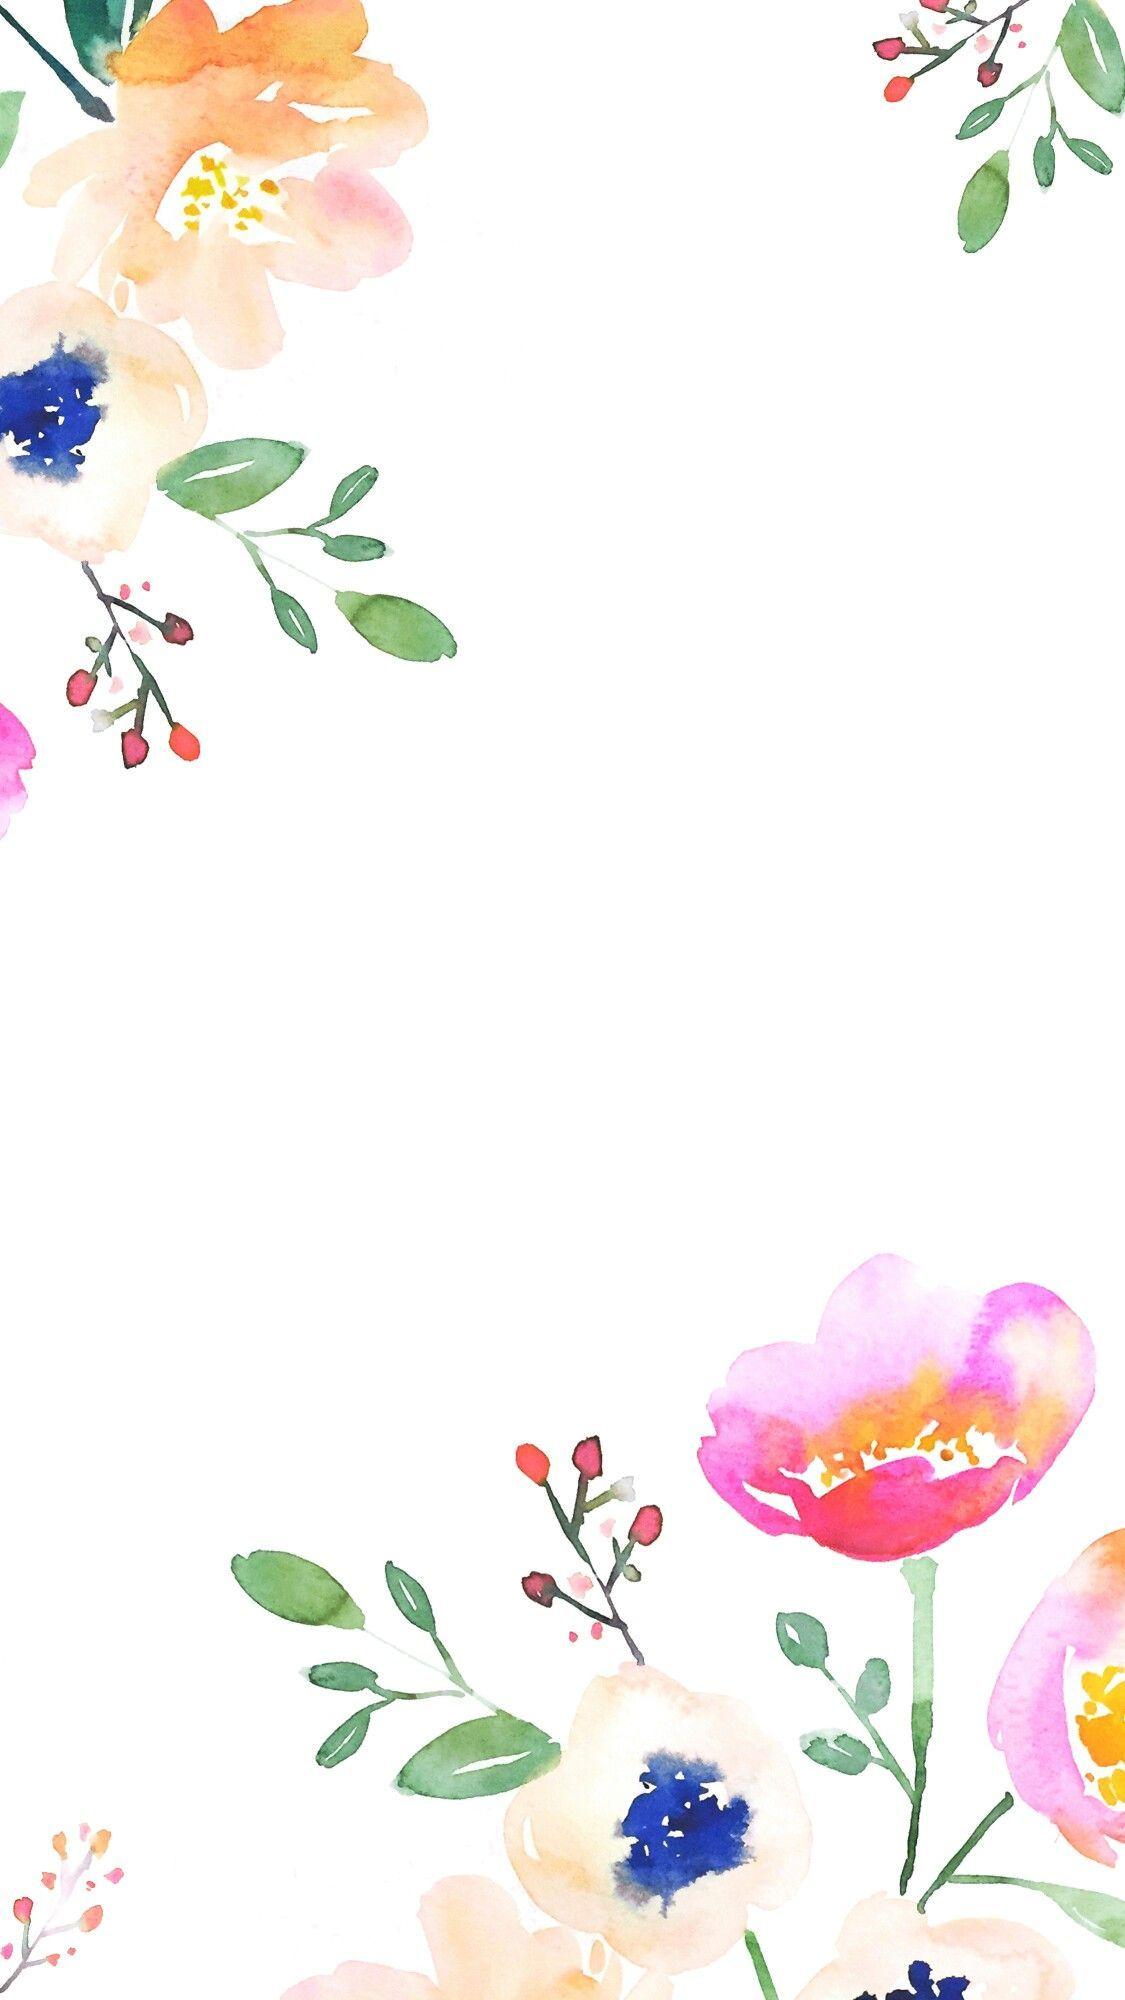 860dc20a76357319be2239af5503c92f Jpg 1 125 2 000 Pixels Floral